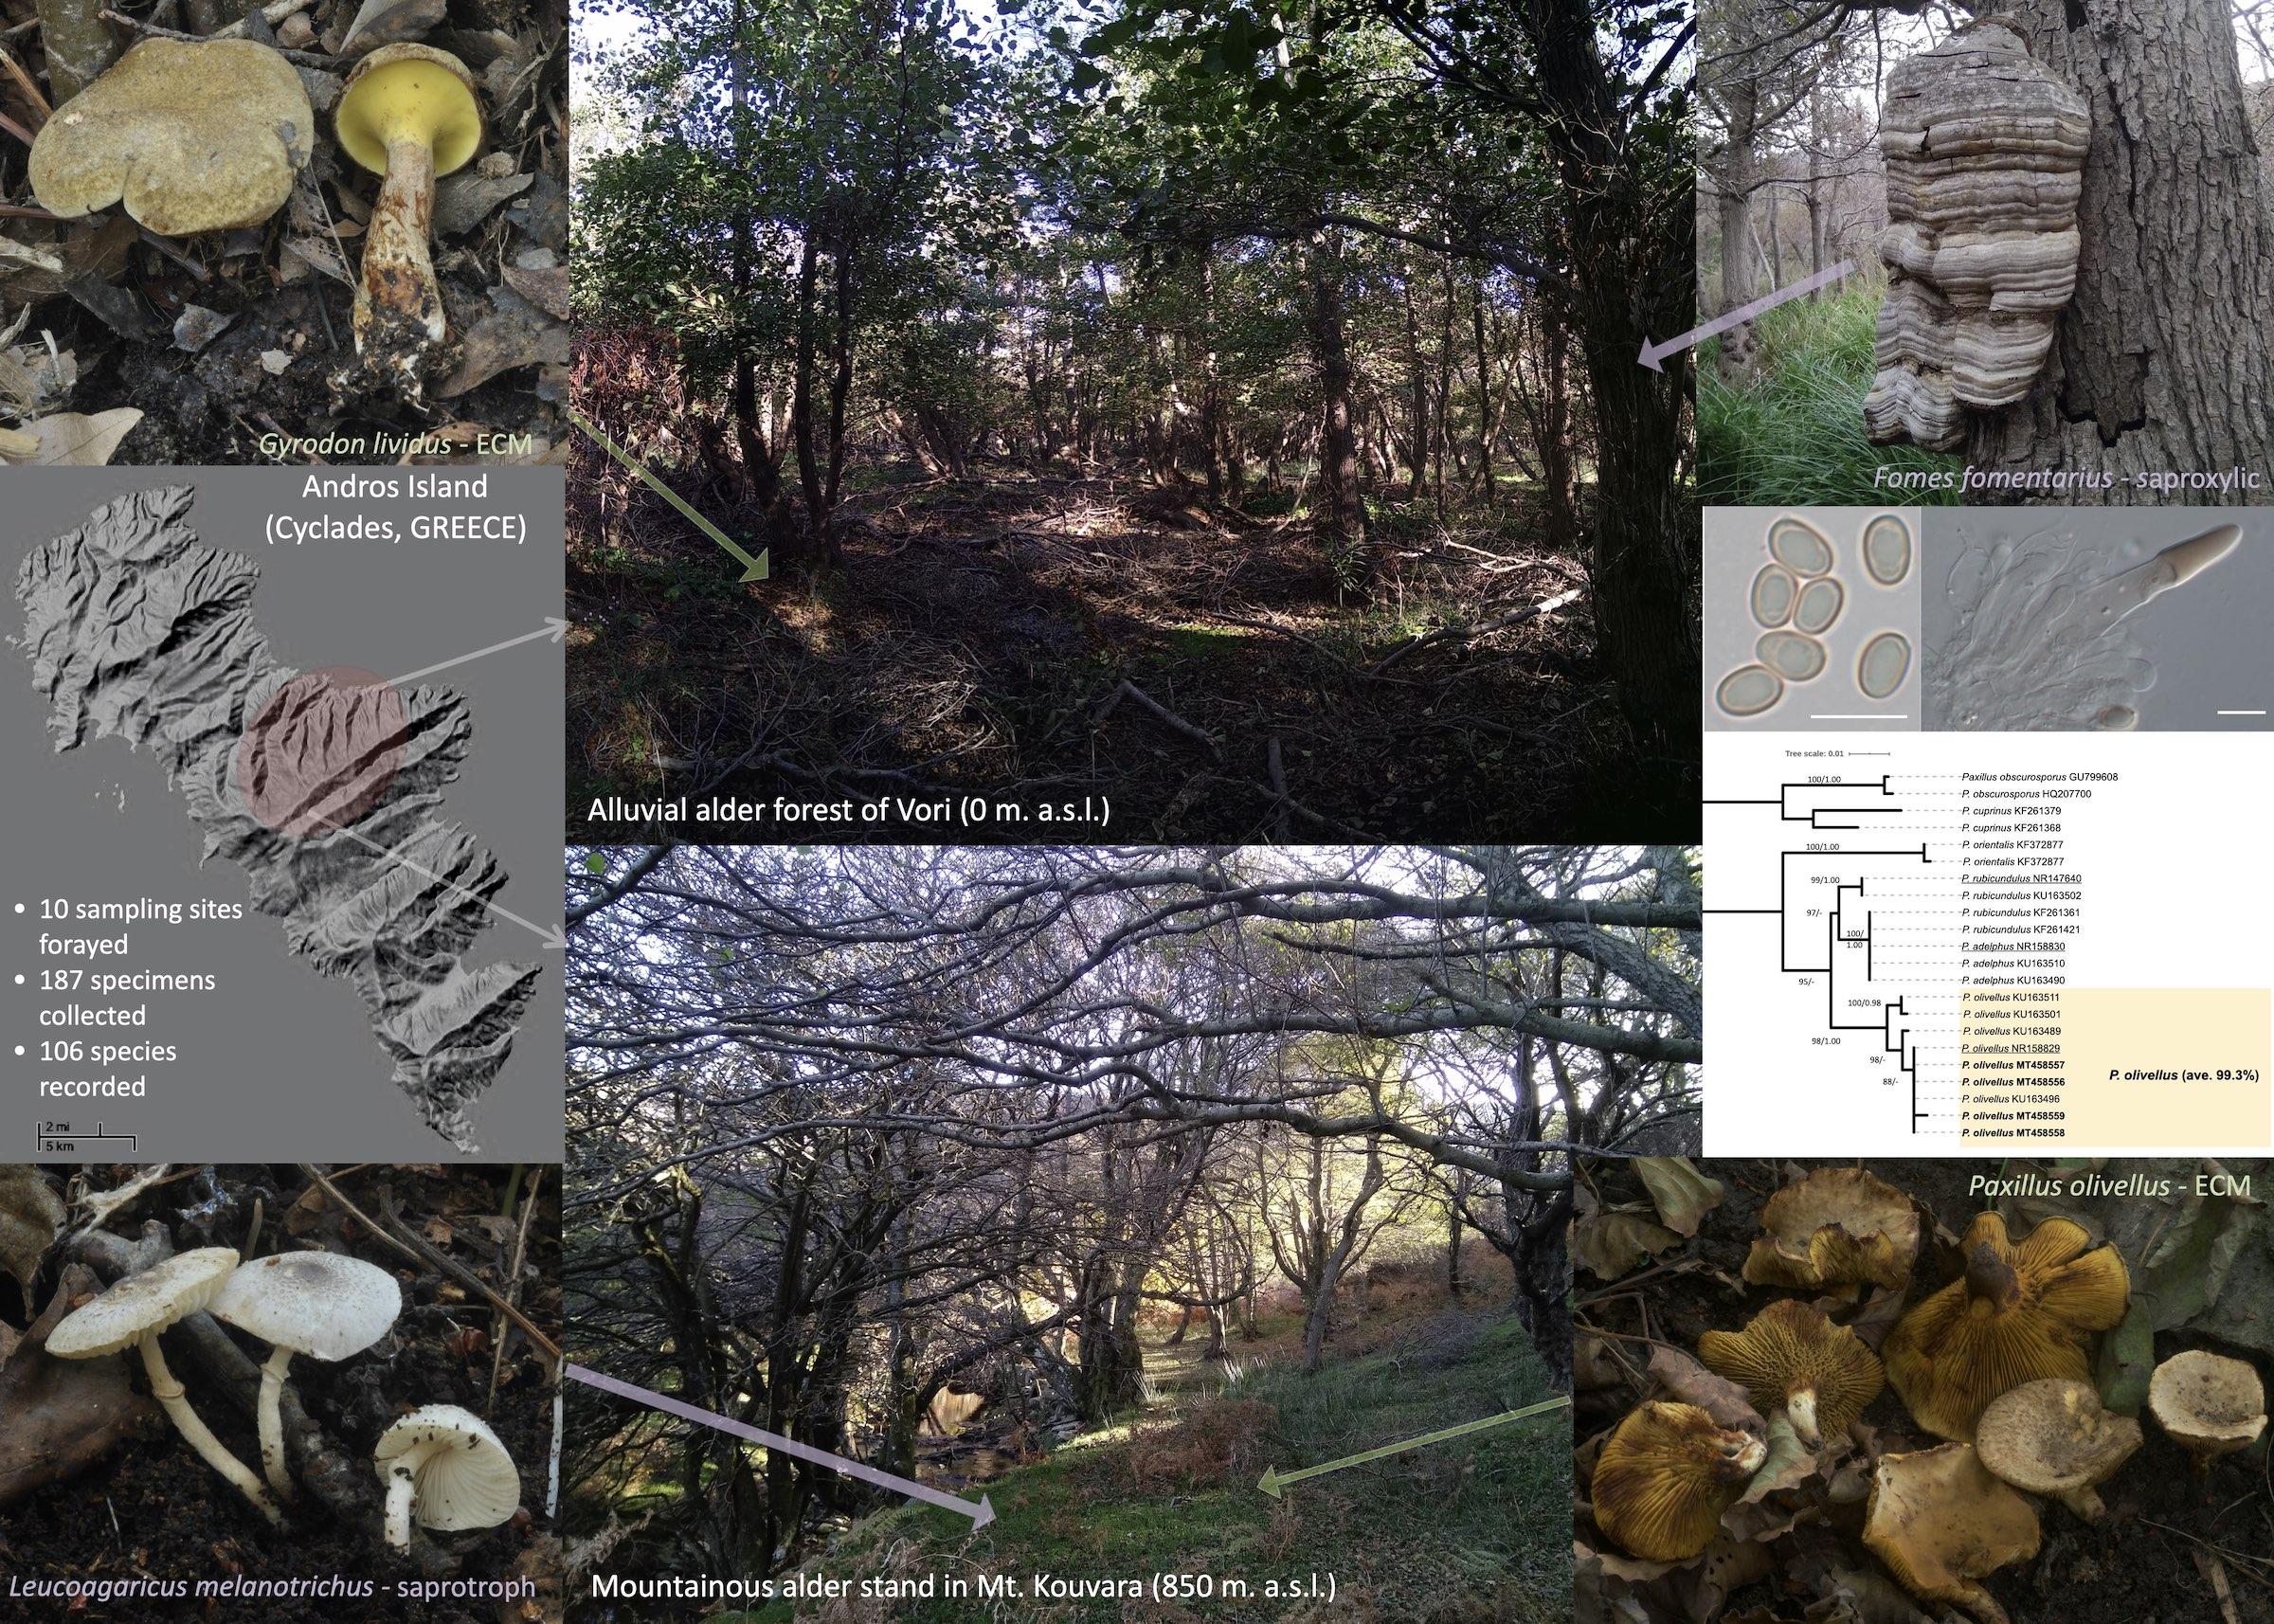 Η πολυετής μελέτη των μανιταριών της Άνδρου αποκαλύπτει τον μοναδικό πλούτο των δασών σκλήθρου